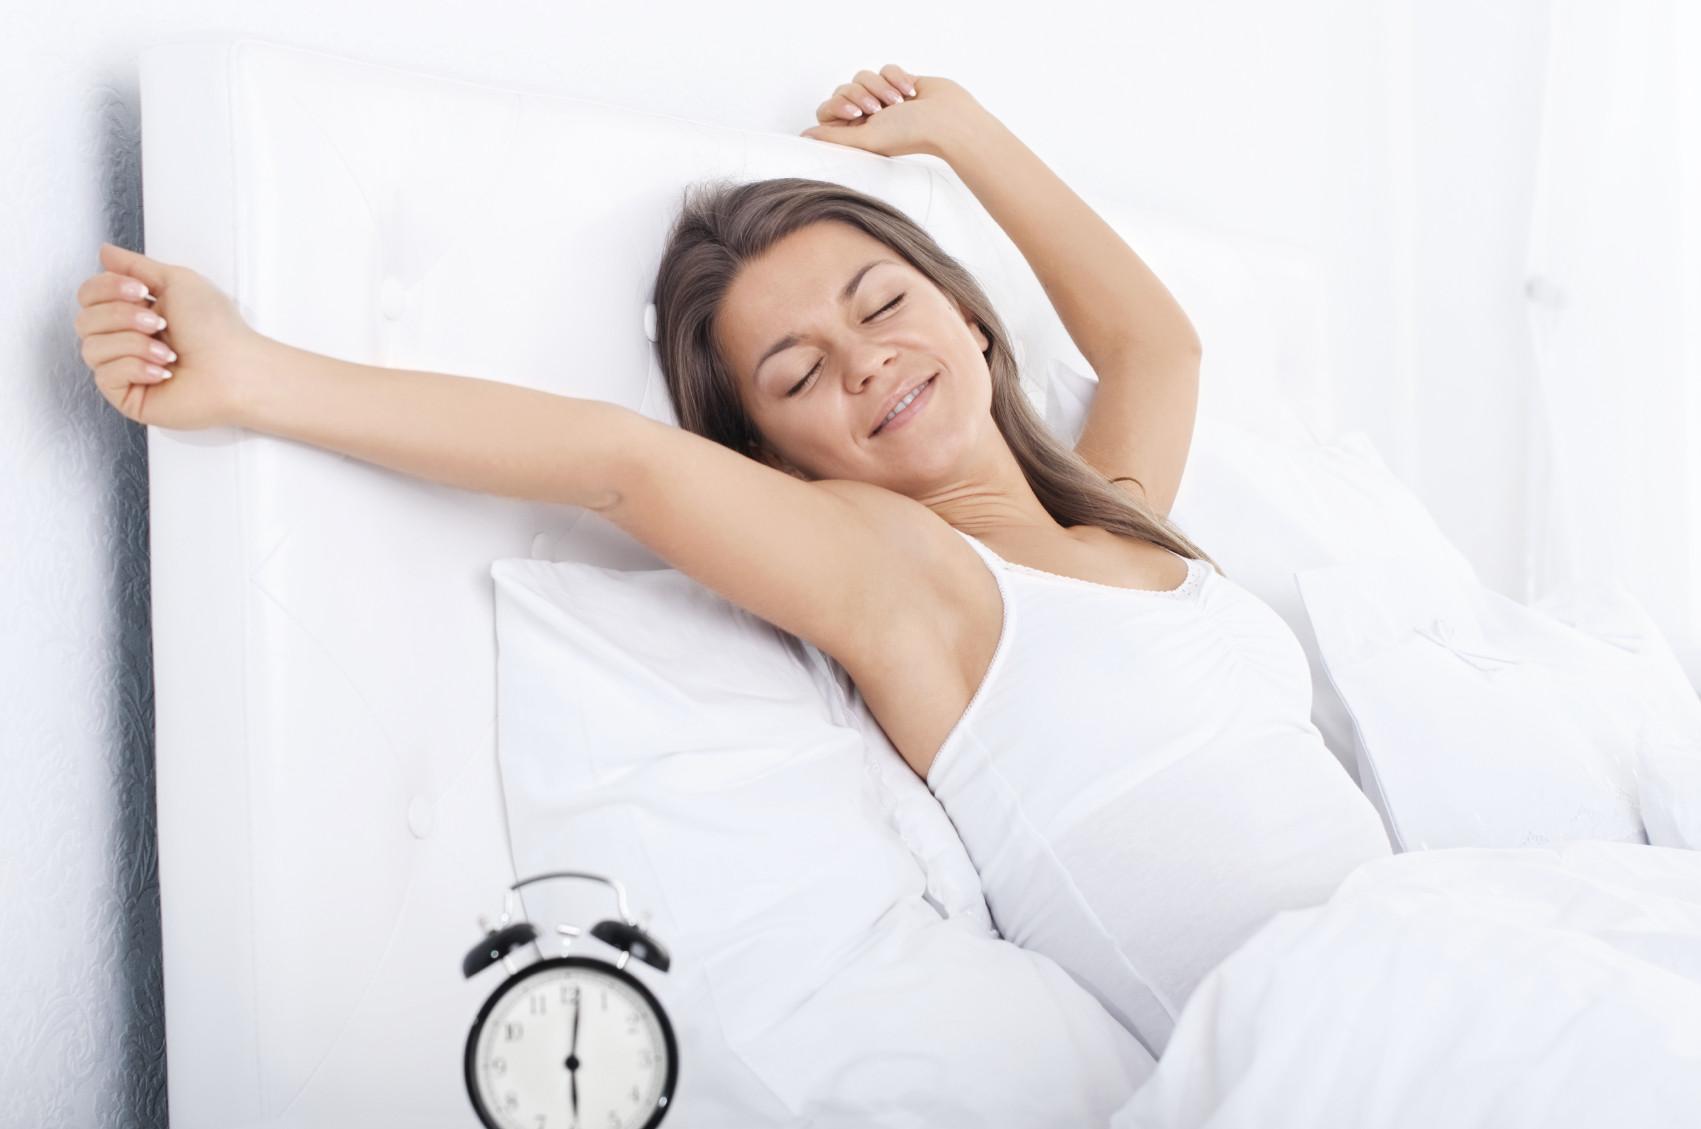 बिहान उठ्ने बित्तिकै गर्न नहुने १० काम